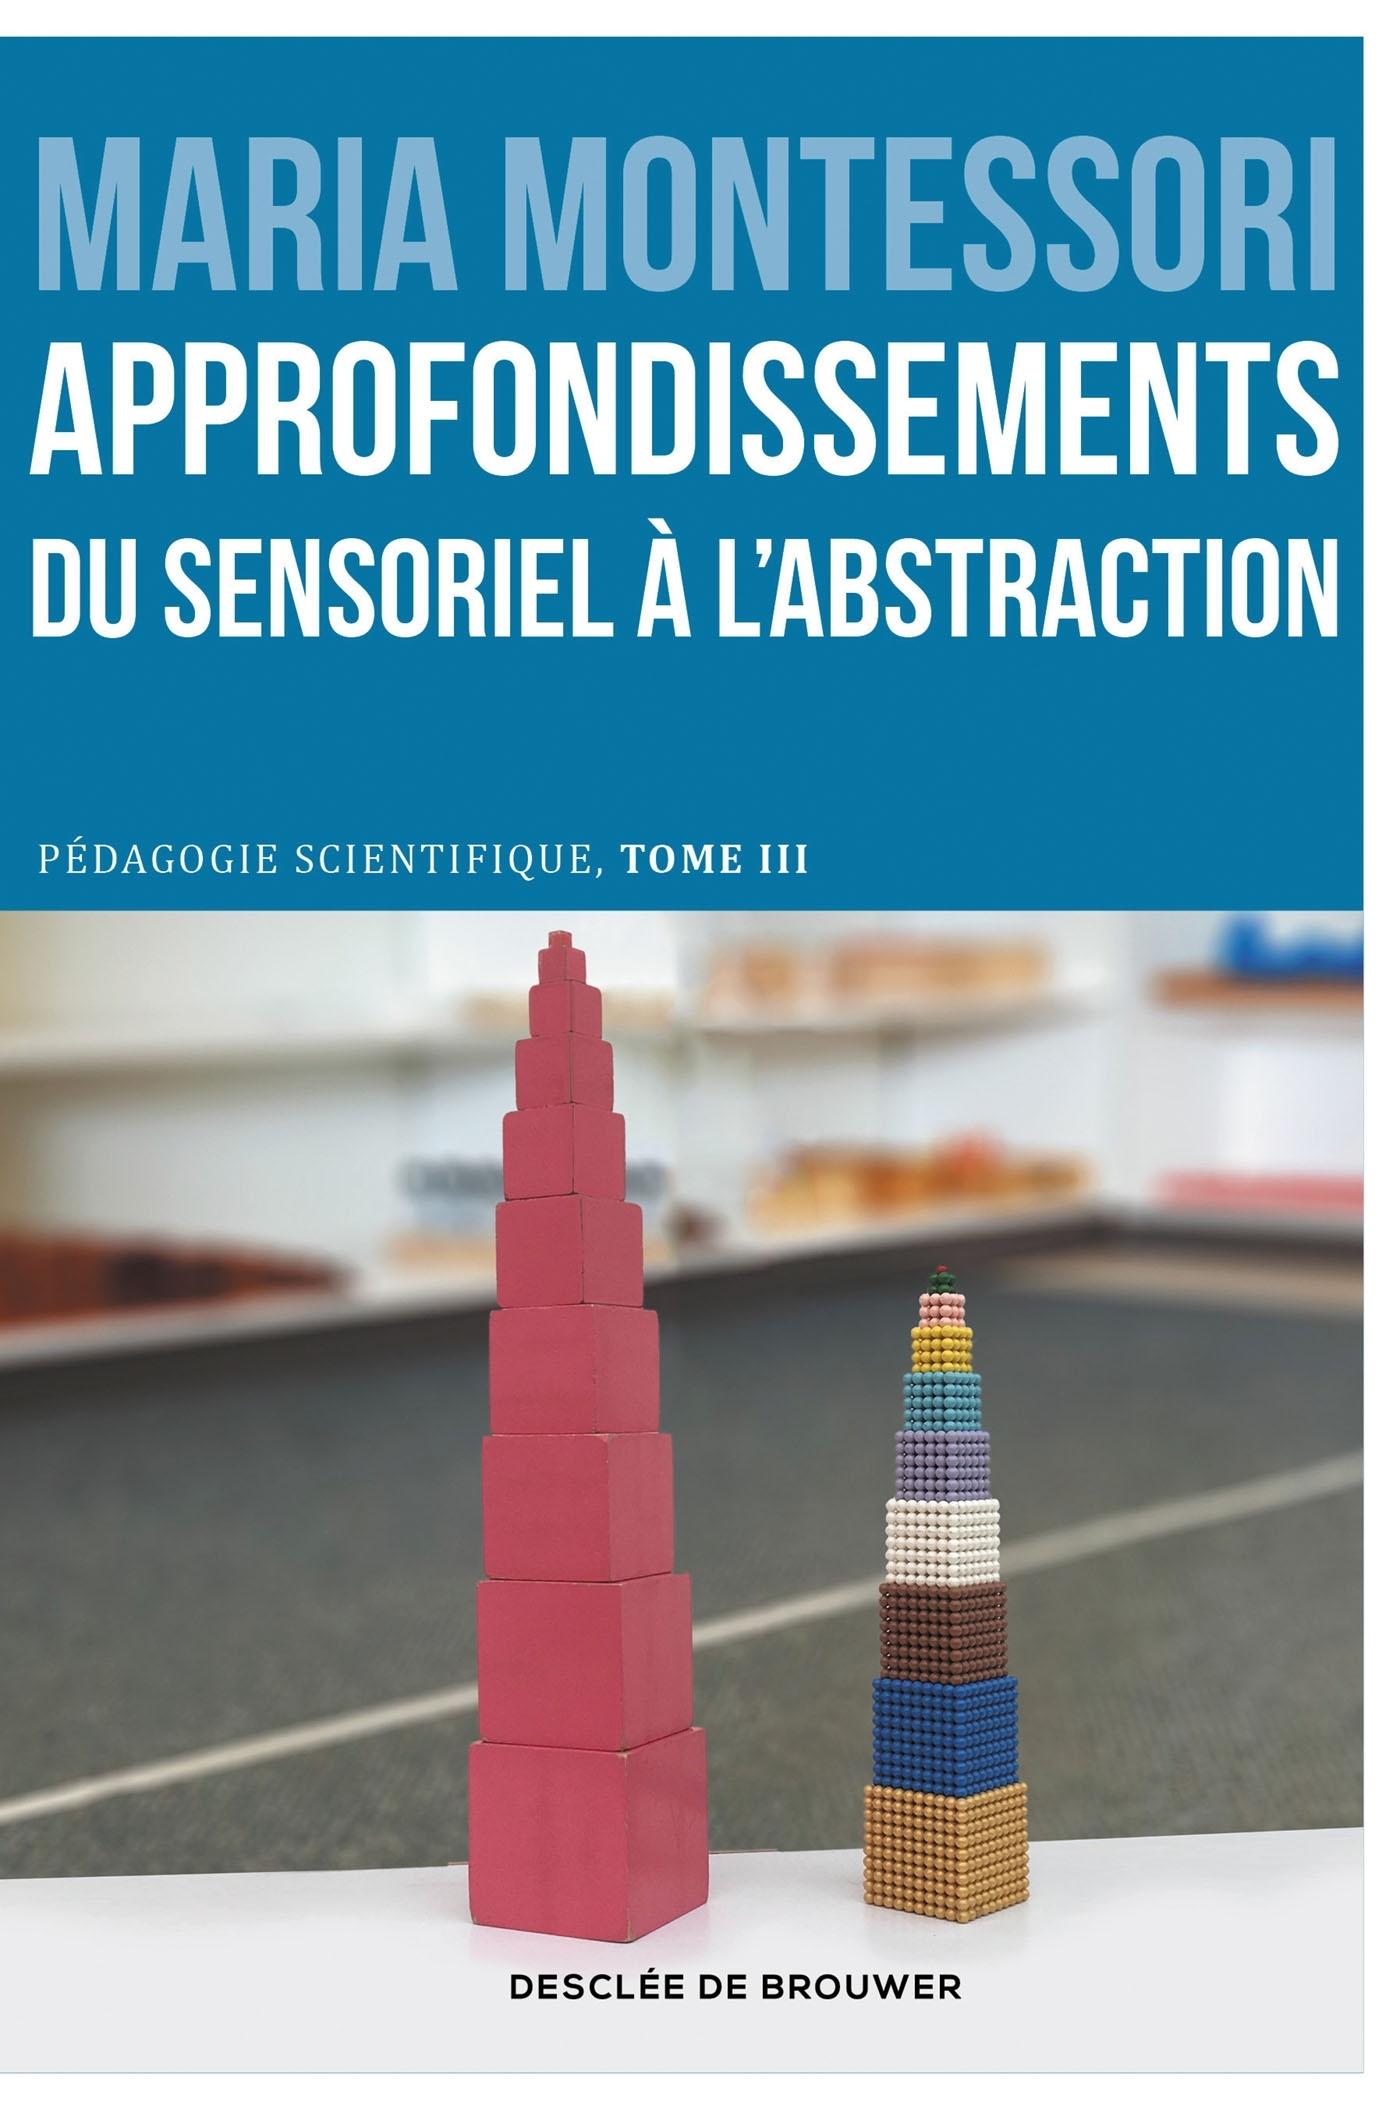 APPROFONDISSEMENTS : DU SENSORIEL A L'ABSTRACTION - PEDAGOGIE SCIENTIFIQUE, TOME III